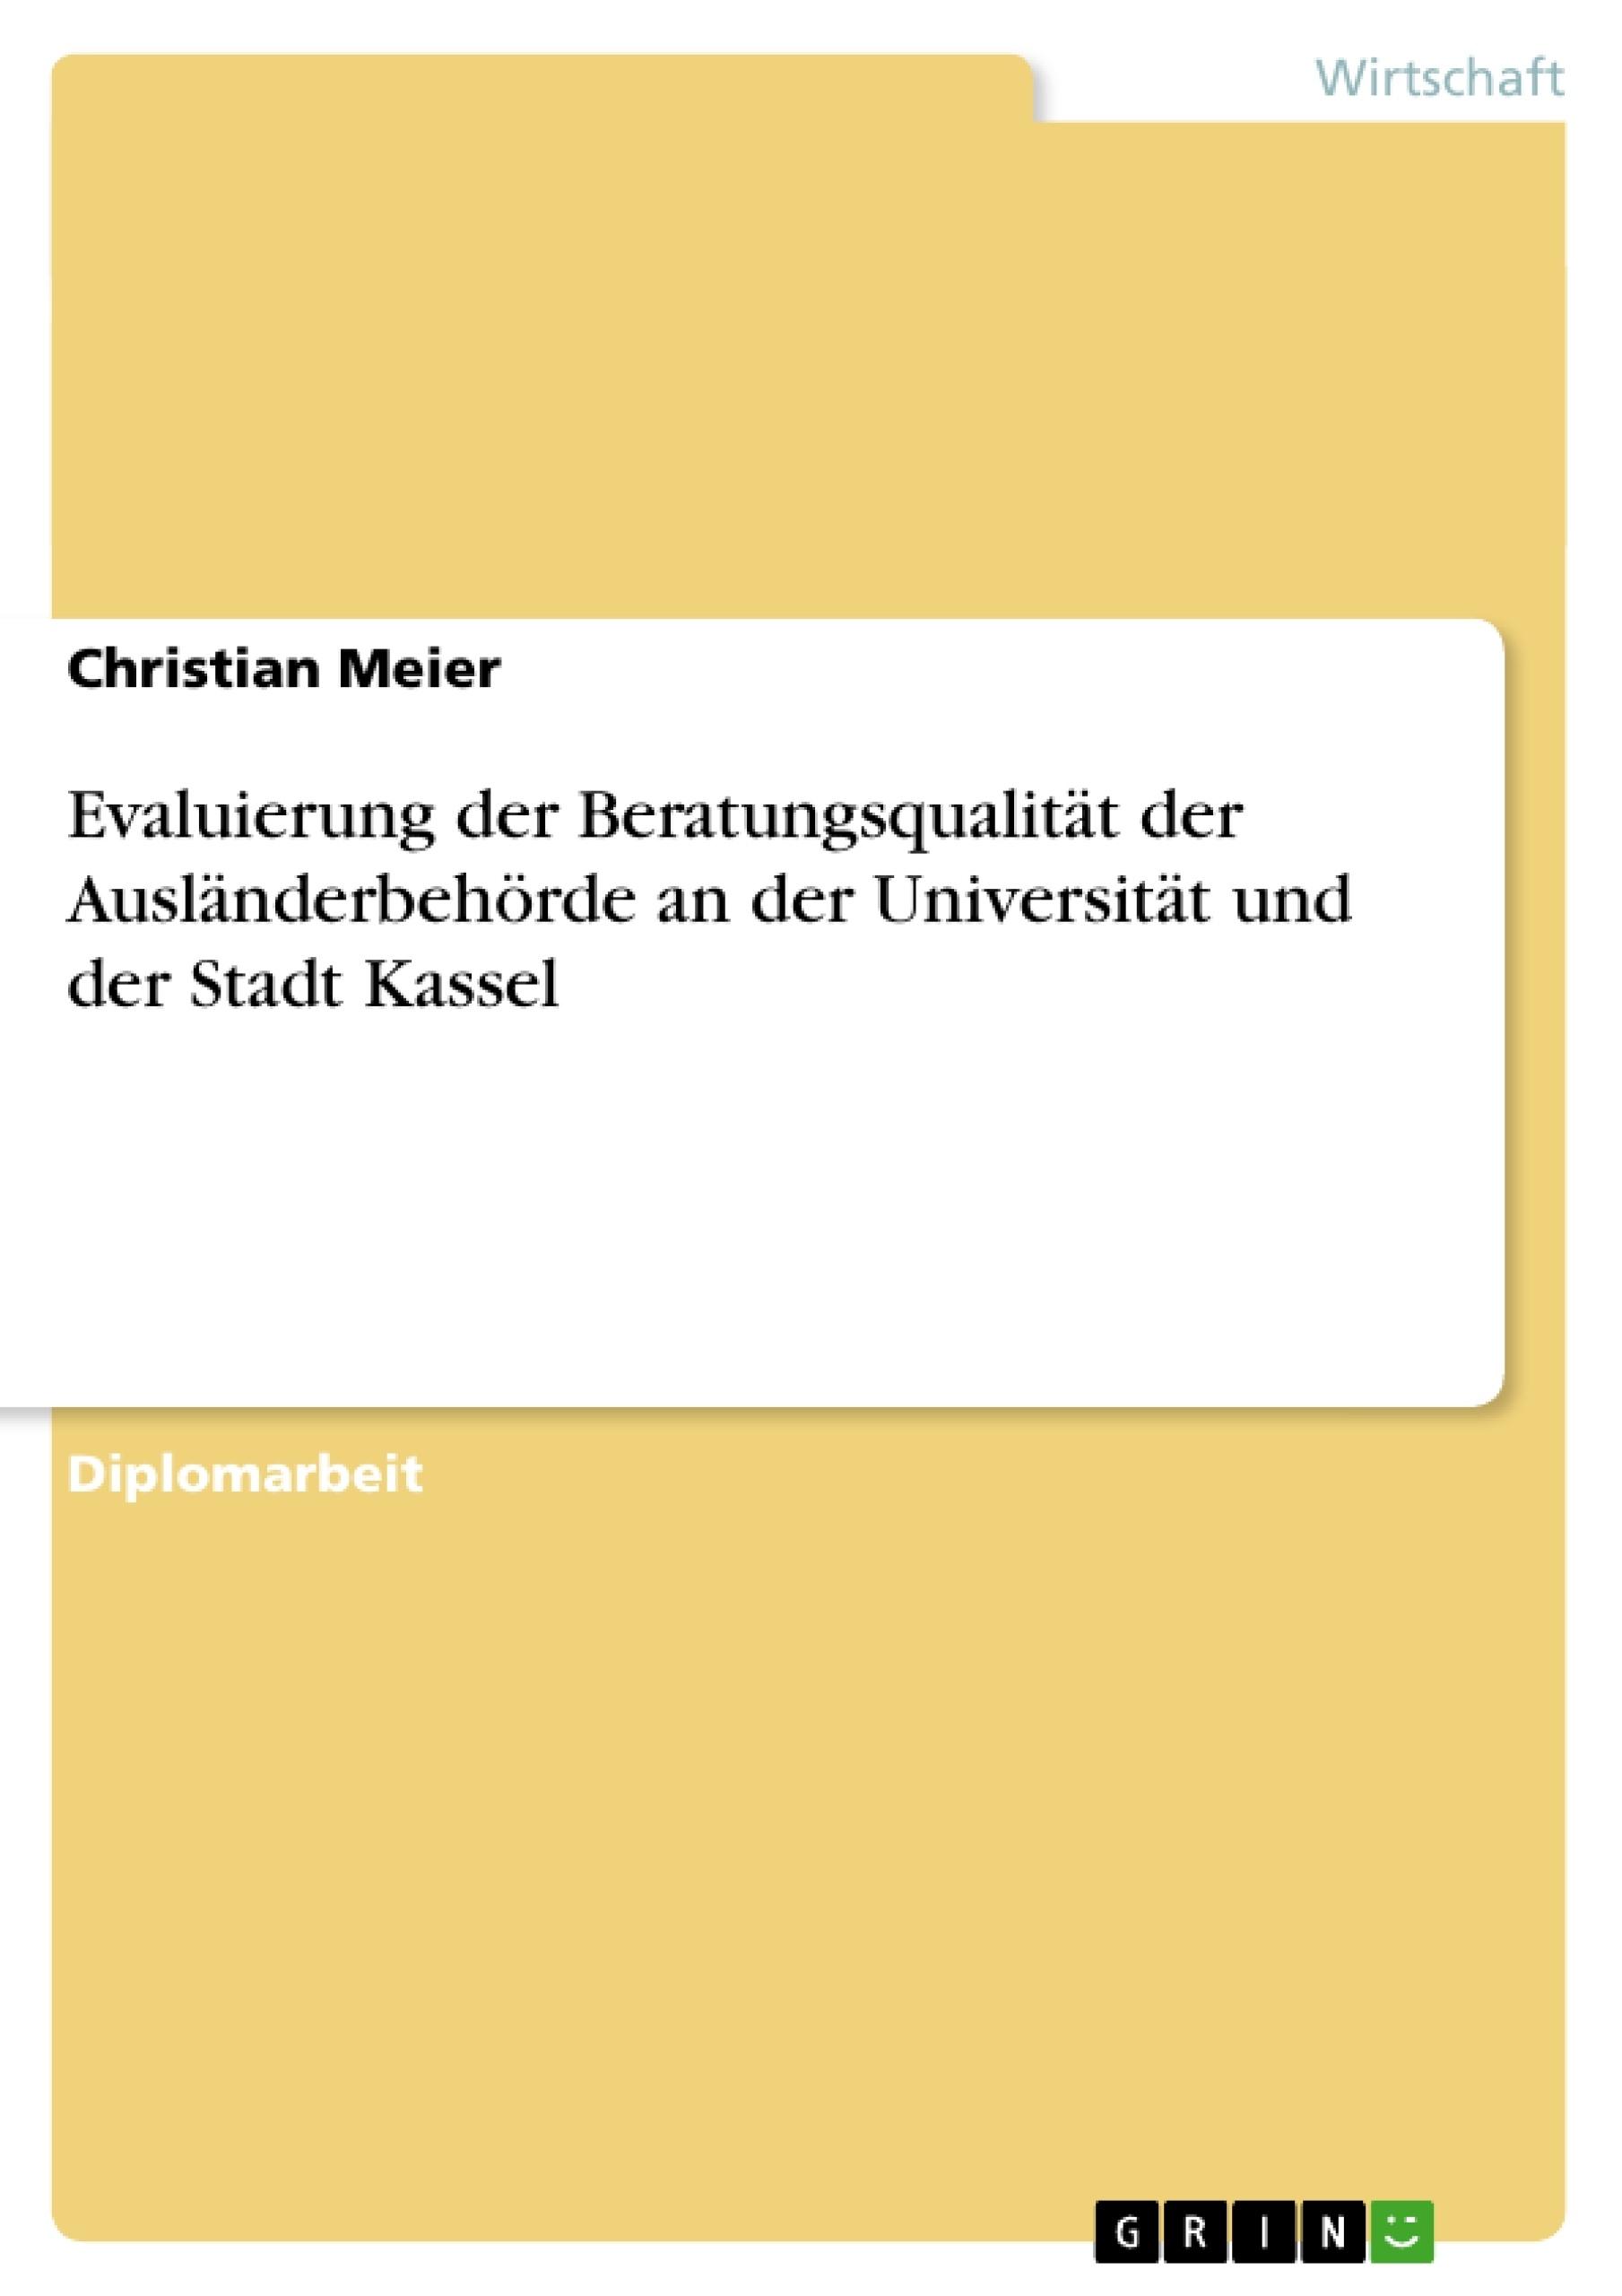 Titel: Evaluierung der Beratungsqualität der Ausländerbehörde an der Universität und der Stadt Kassel